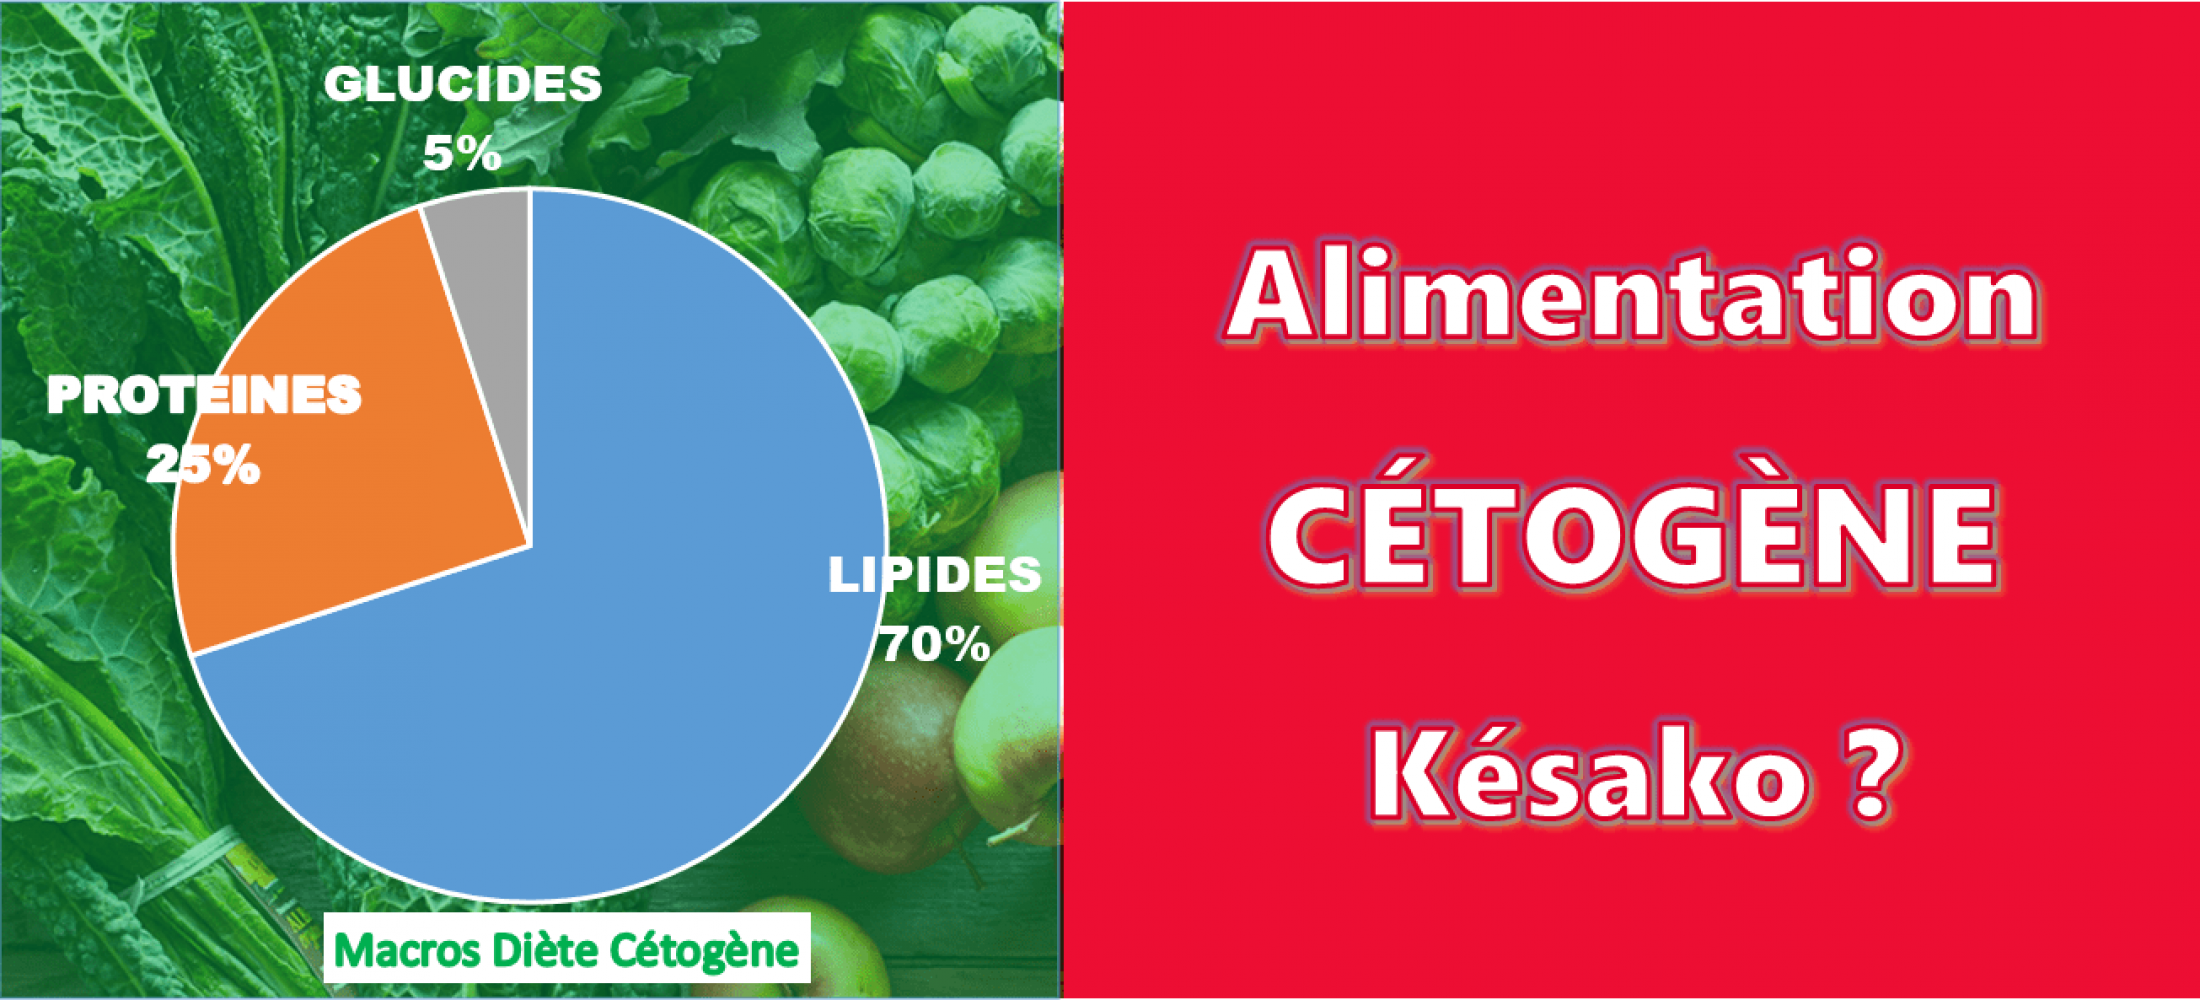 Qu'est-ce que l'alimentation cétogène (faible teneur en glucides) ?